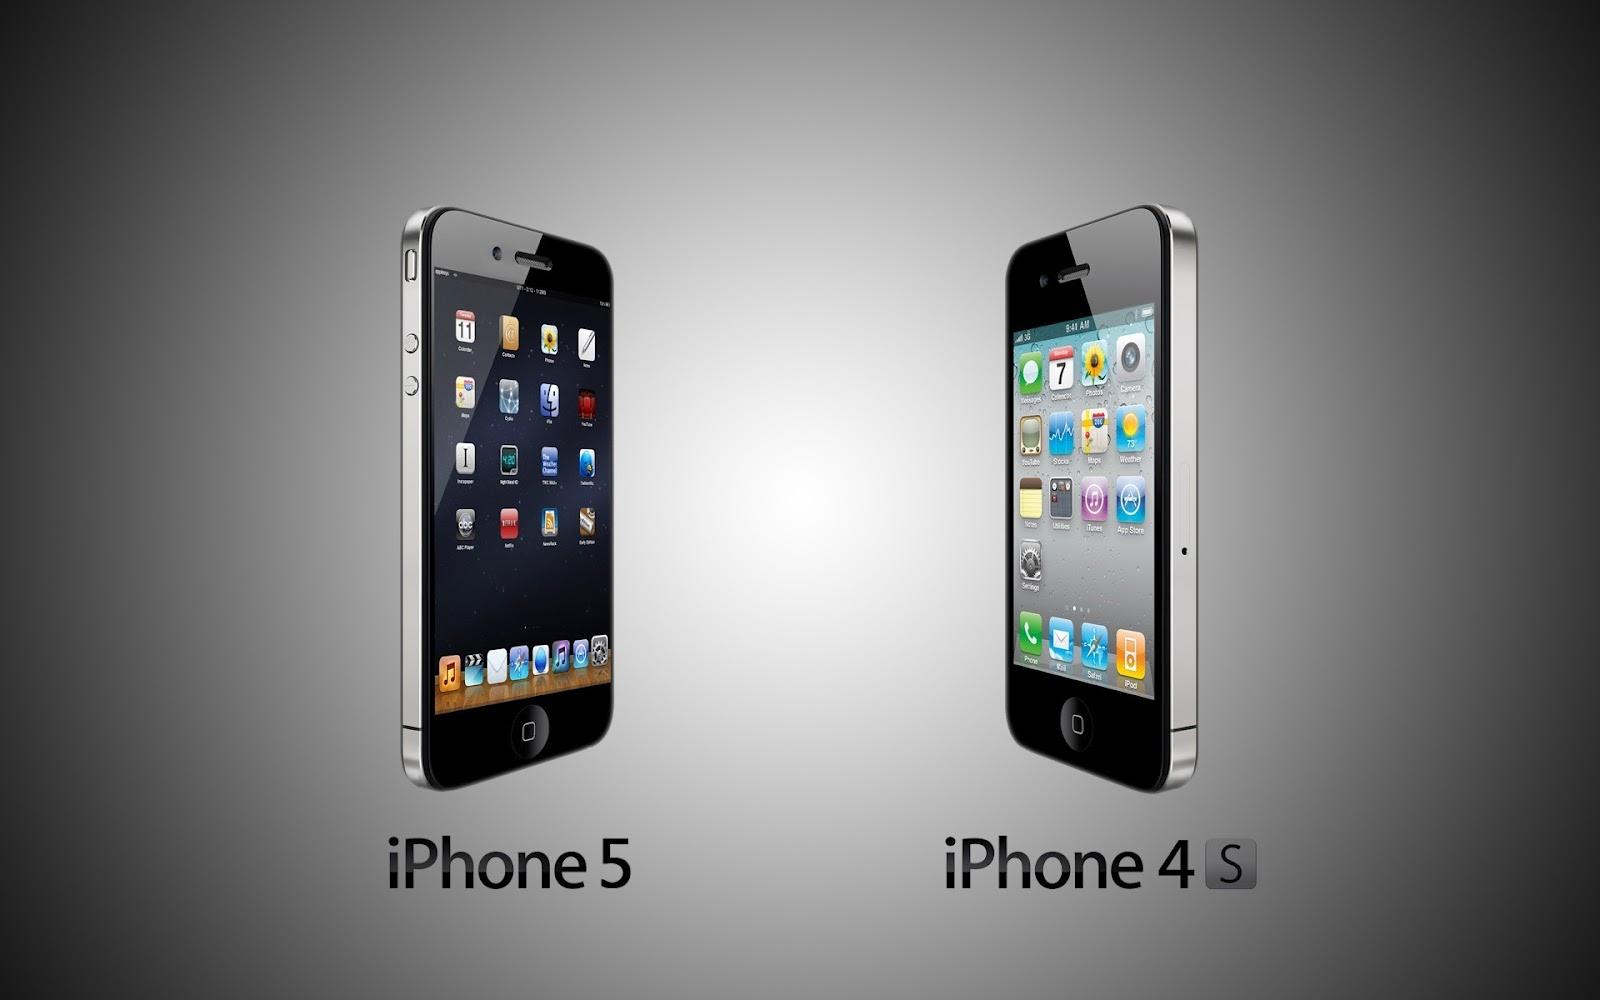 http://1.bp.blogspot.com/--dw7W8z9qx8/UGCMoLkklSI/AAAAAAAADuE/sHwrt43KfOA/s1600/grijze-wallpaper-met-de-iphone-5-vs-iphone-4s-achtergrond.jpg